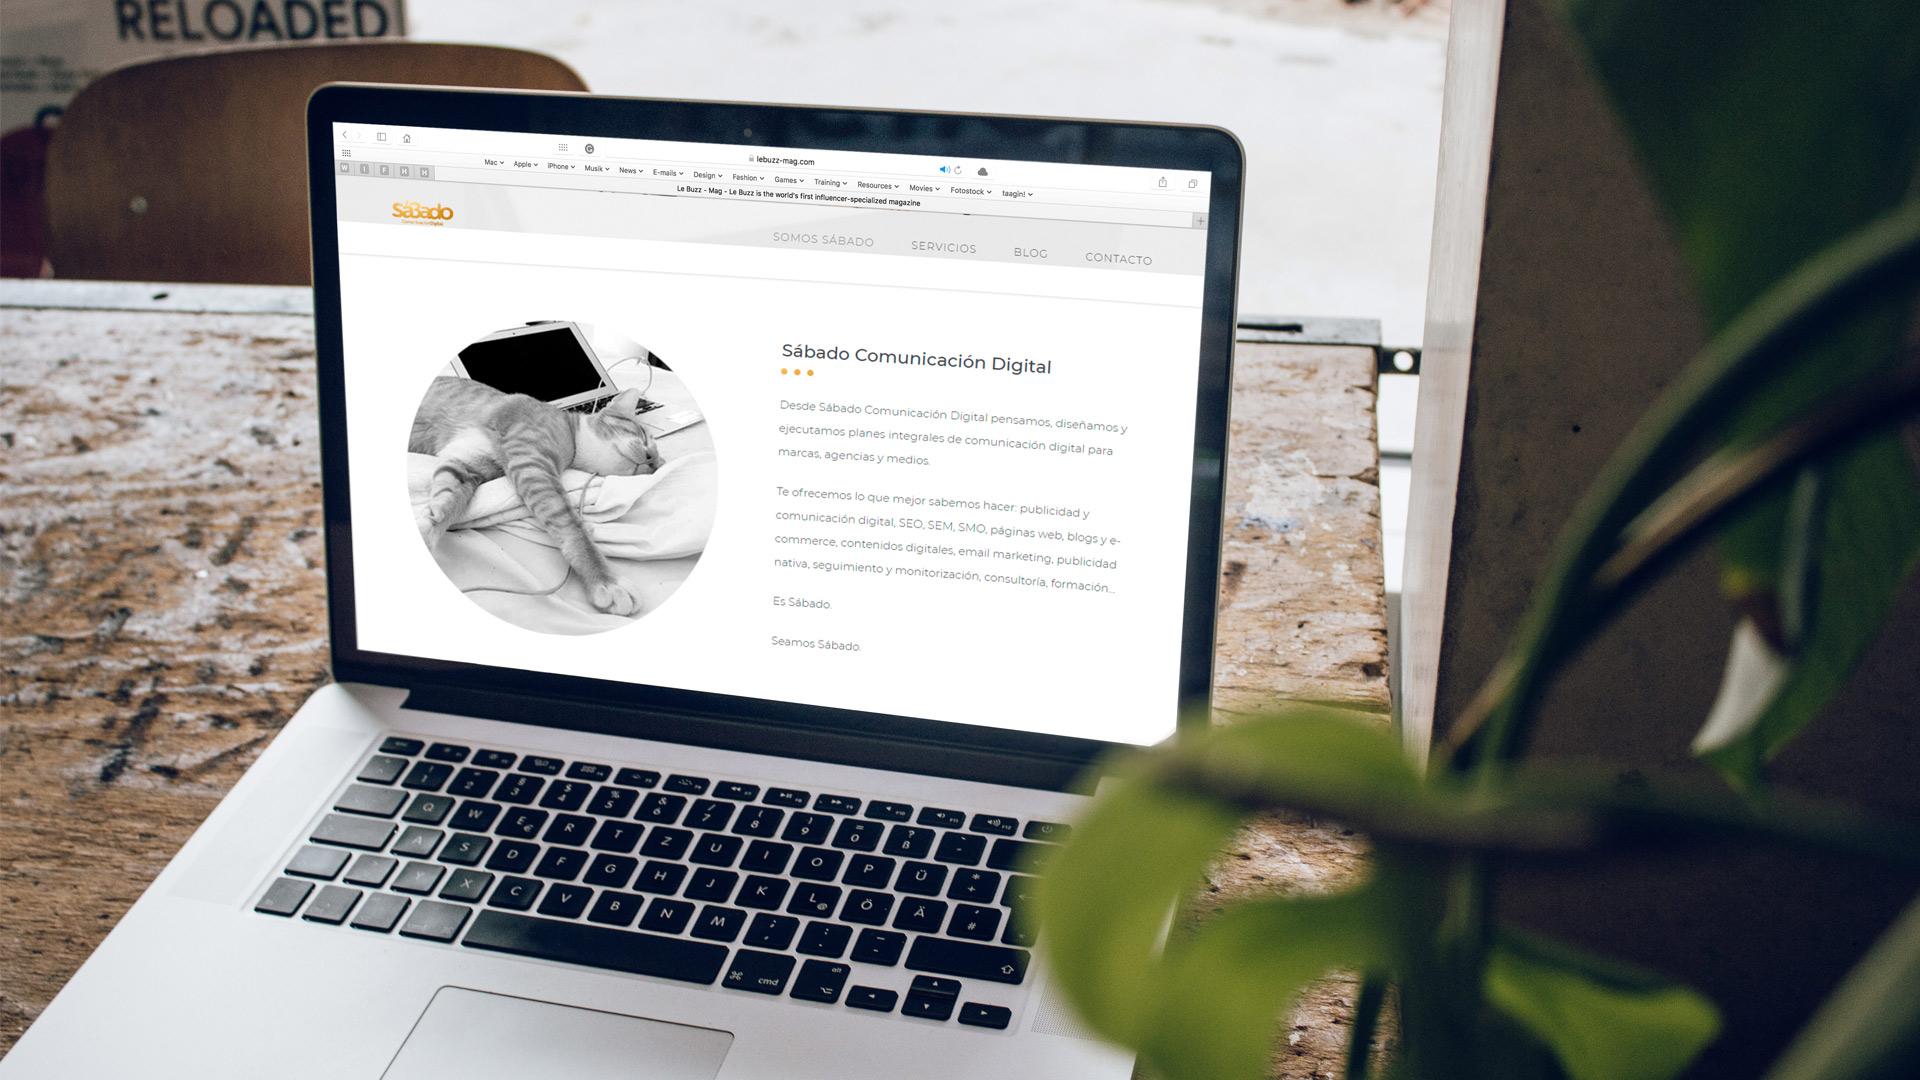 ¿Y la web pa cuándo? - Blog de Sábado Comunicación Digital